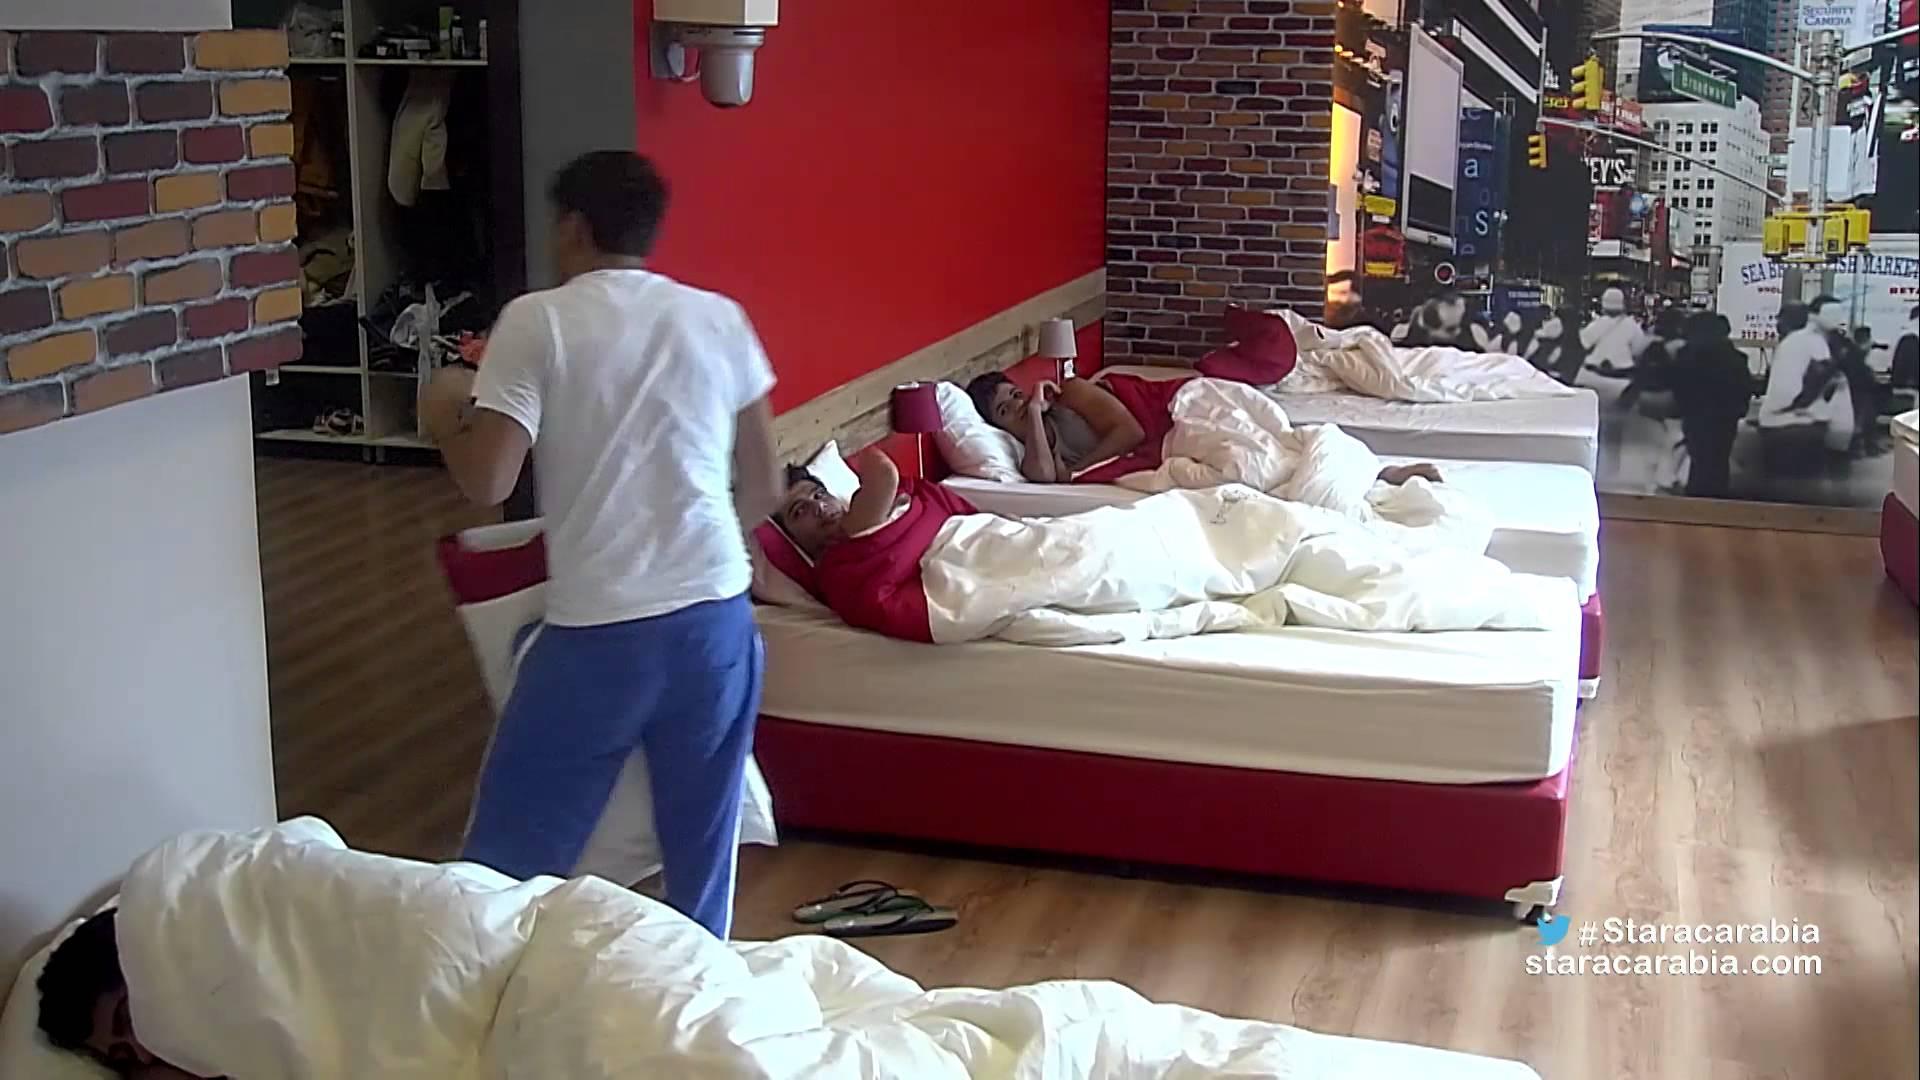 شباب ستار أكاديمي يستيقظون على صدمة في غرفة نومهم